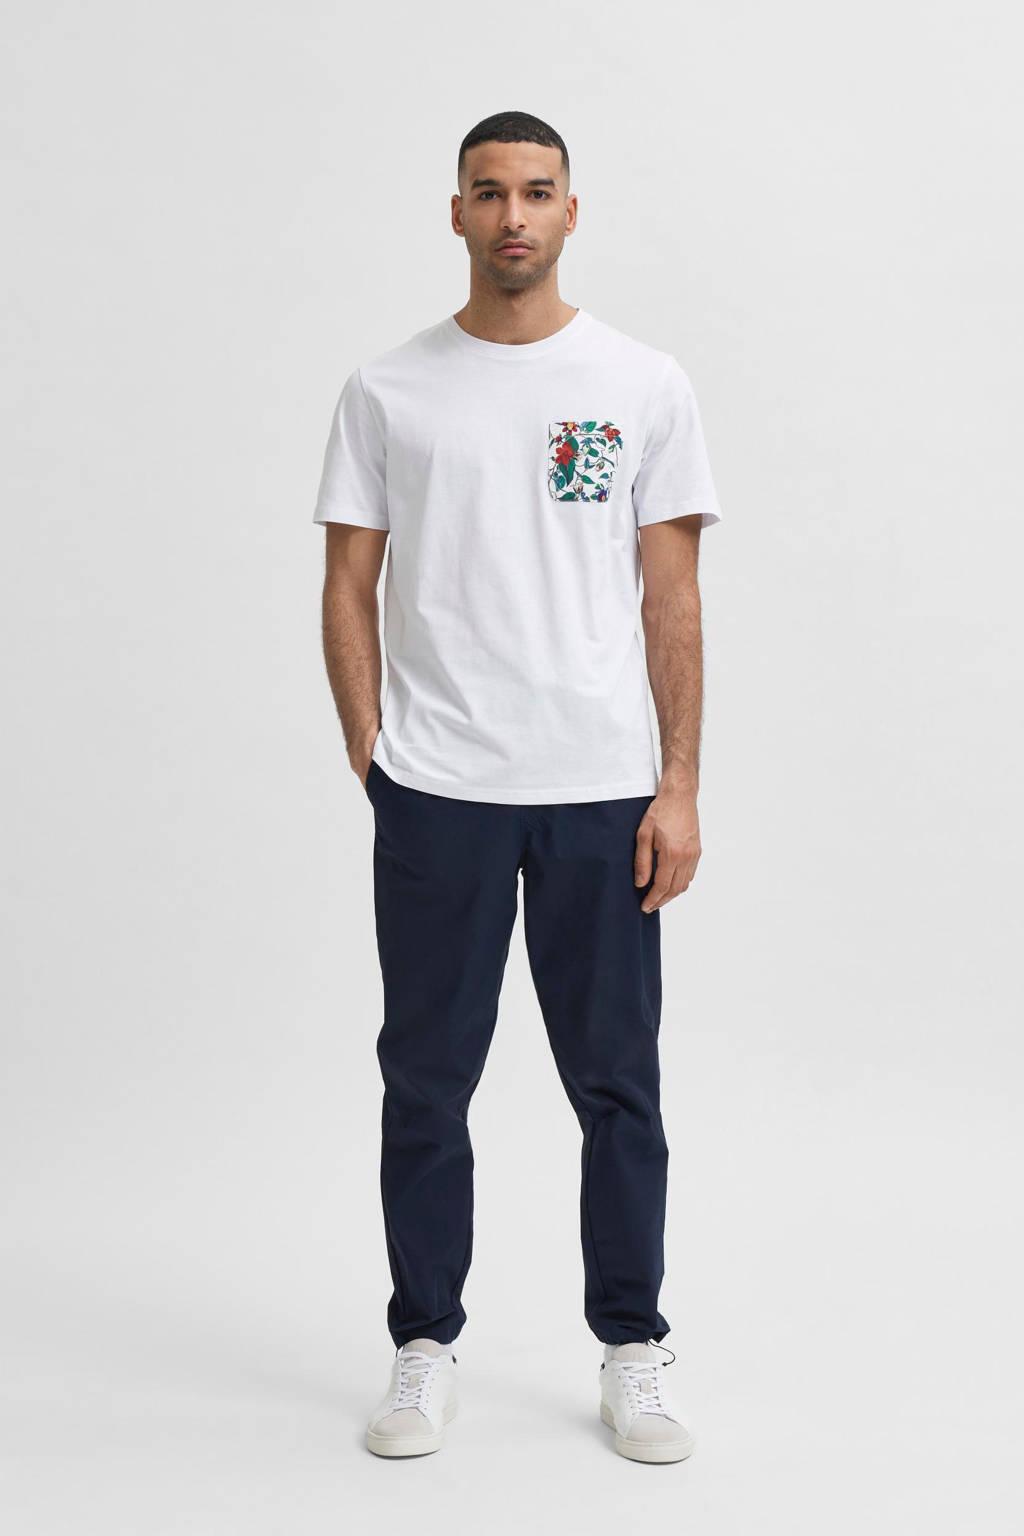 SELECTED HOMME T-shirt van biologisch katoen wit, Wit